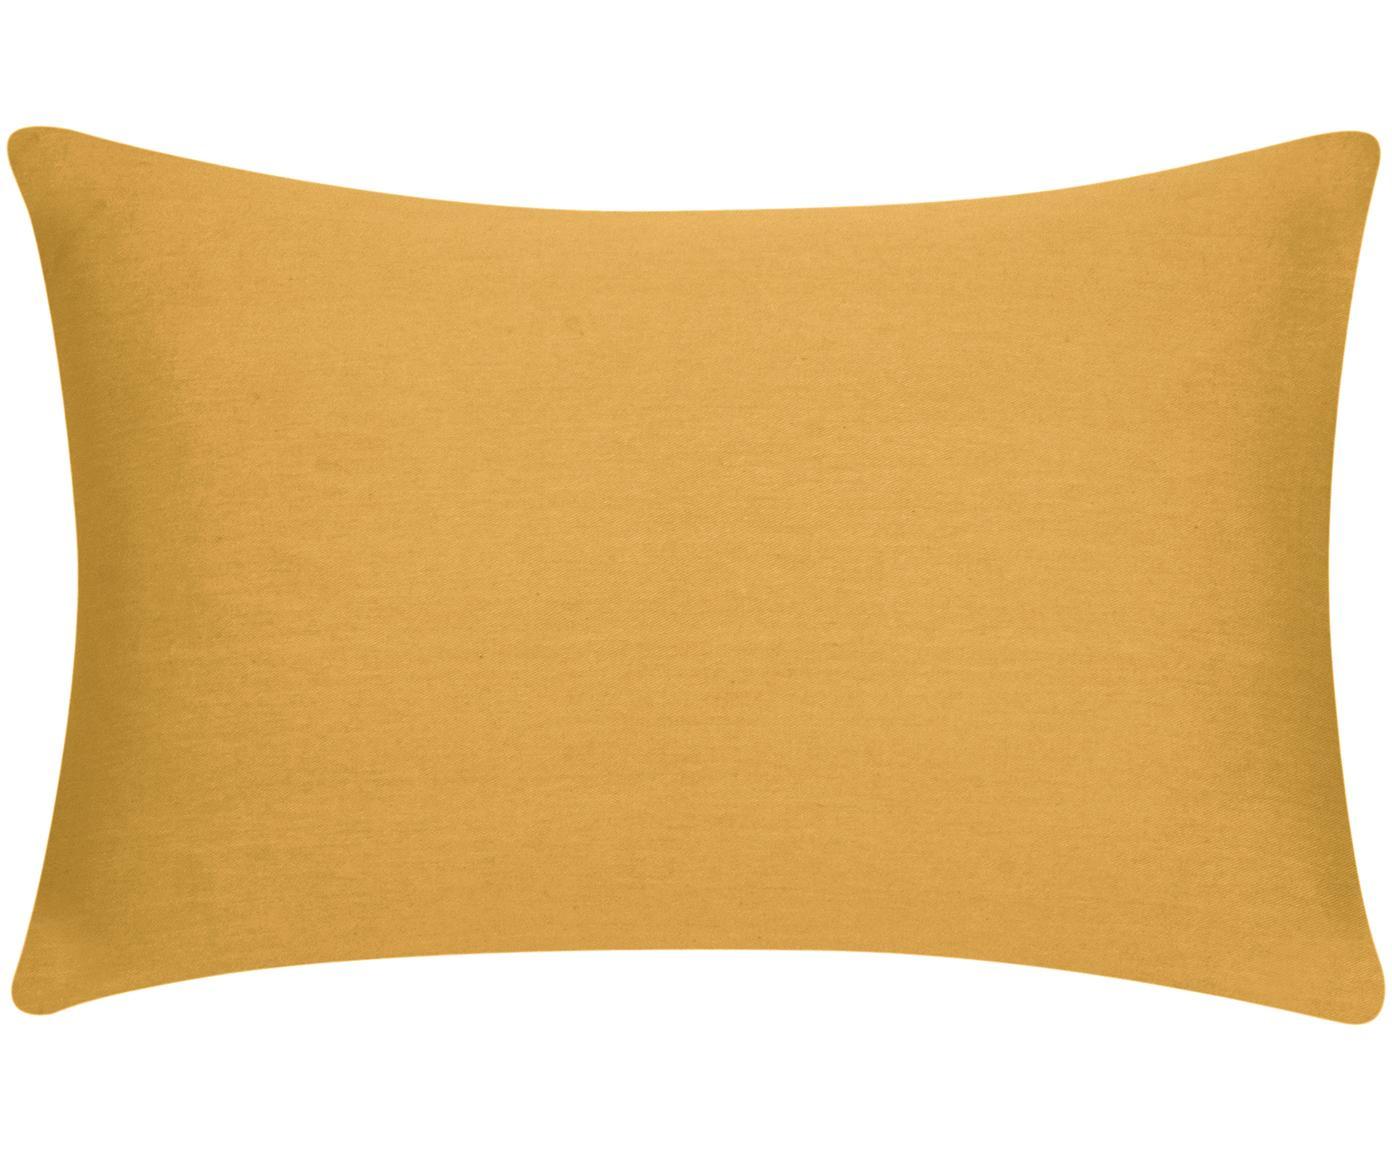 Poszewka na poduszkę z bawełny Mads, Bawełna, Musztardowy, S 30 x D 50 cm